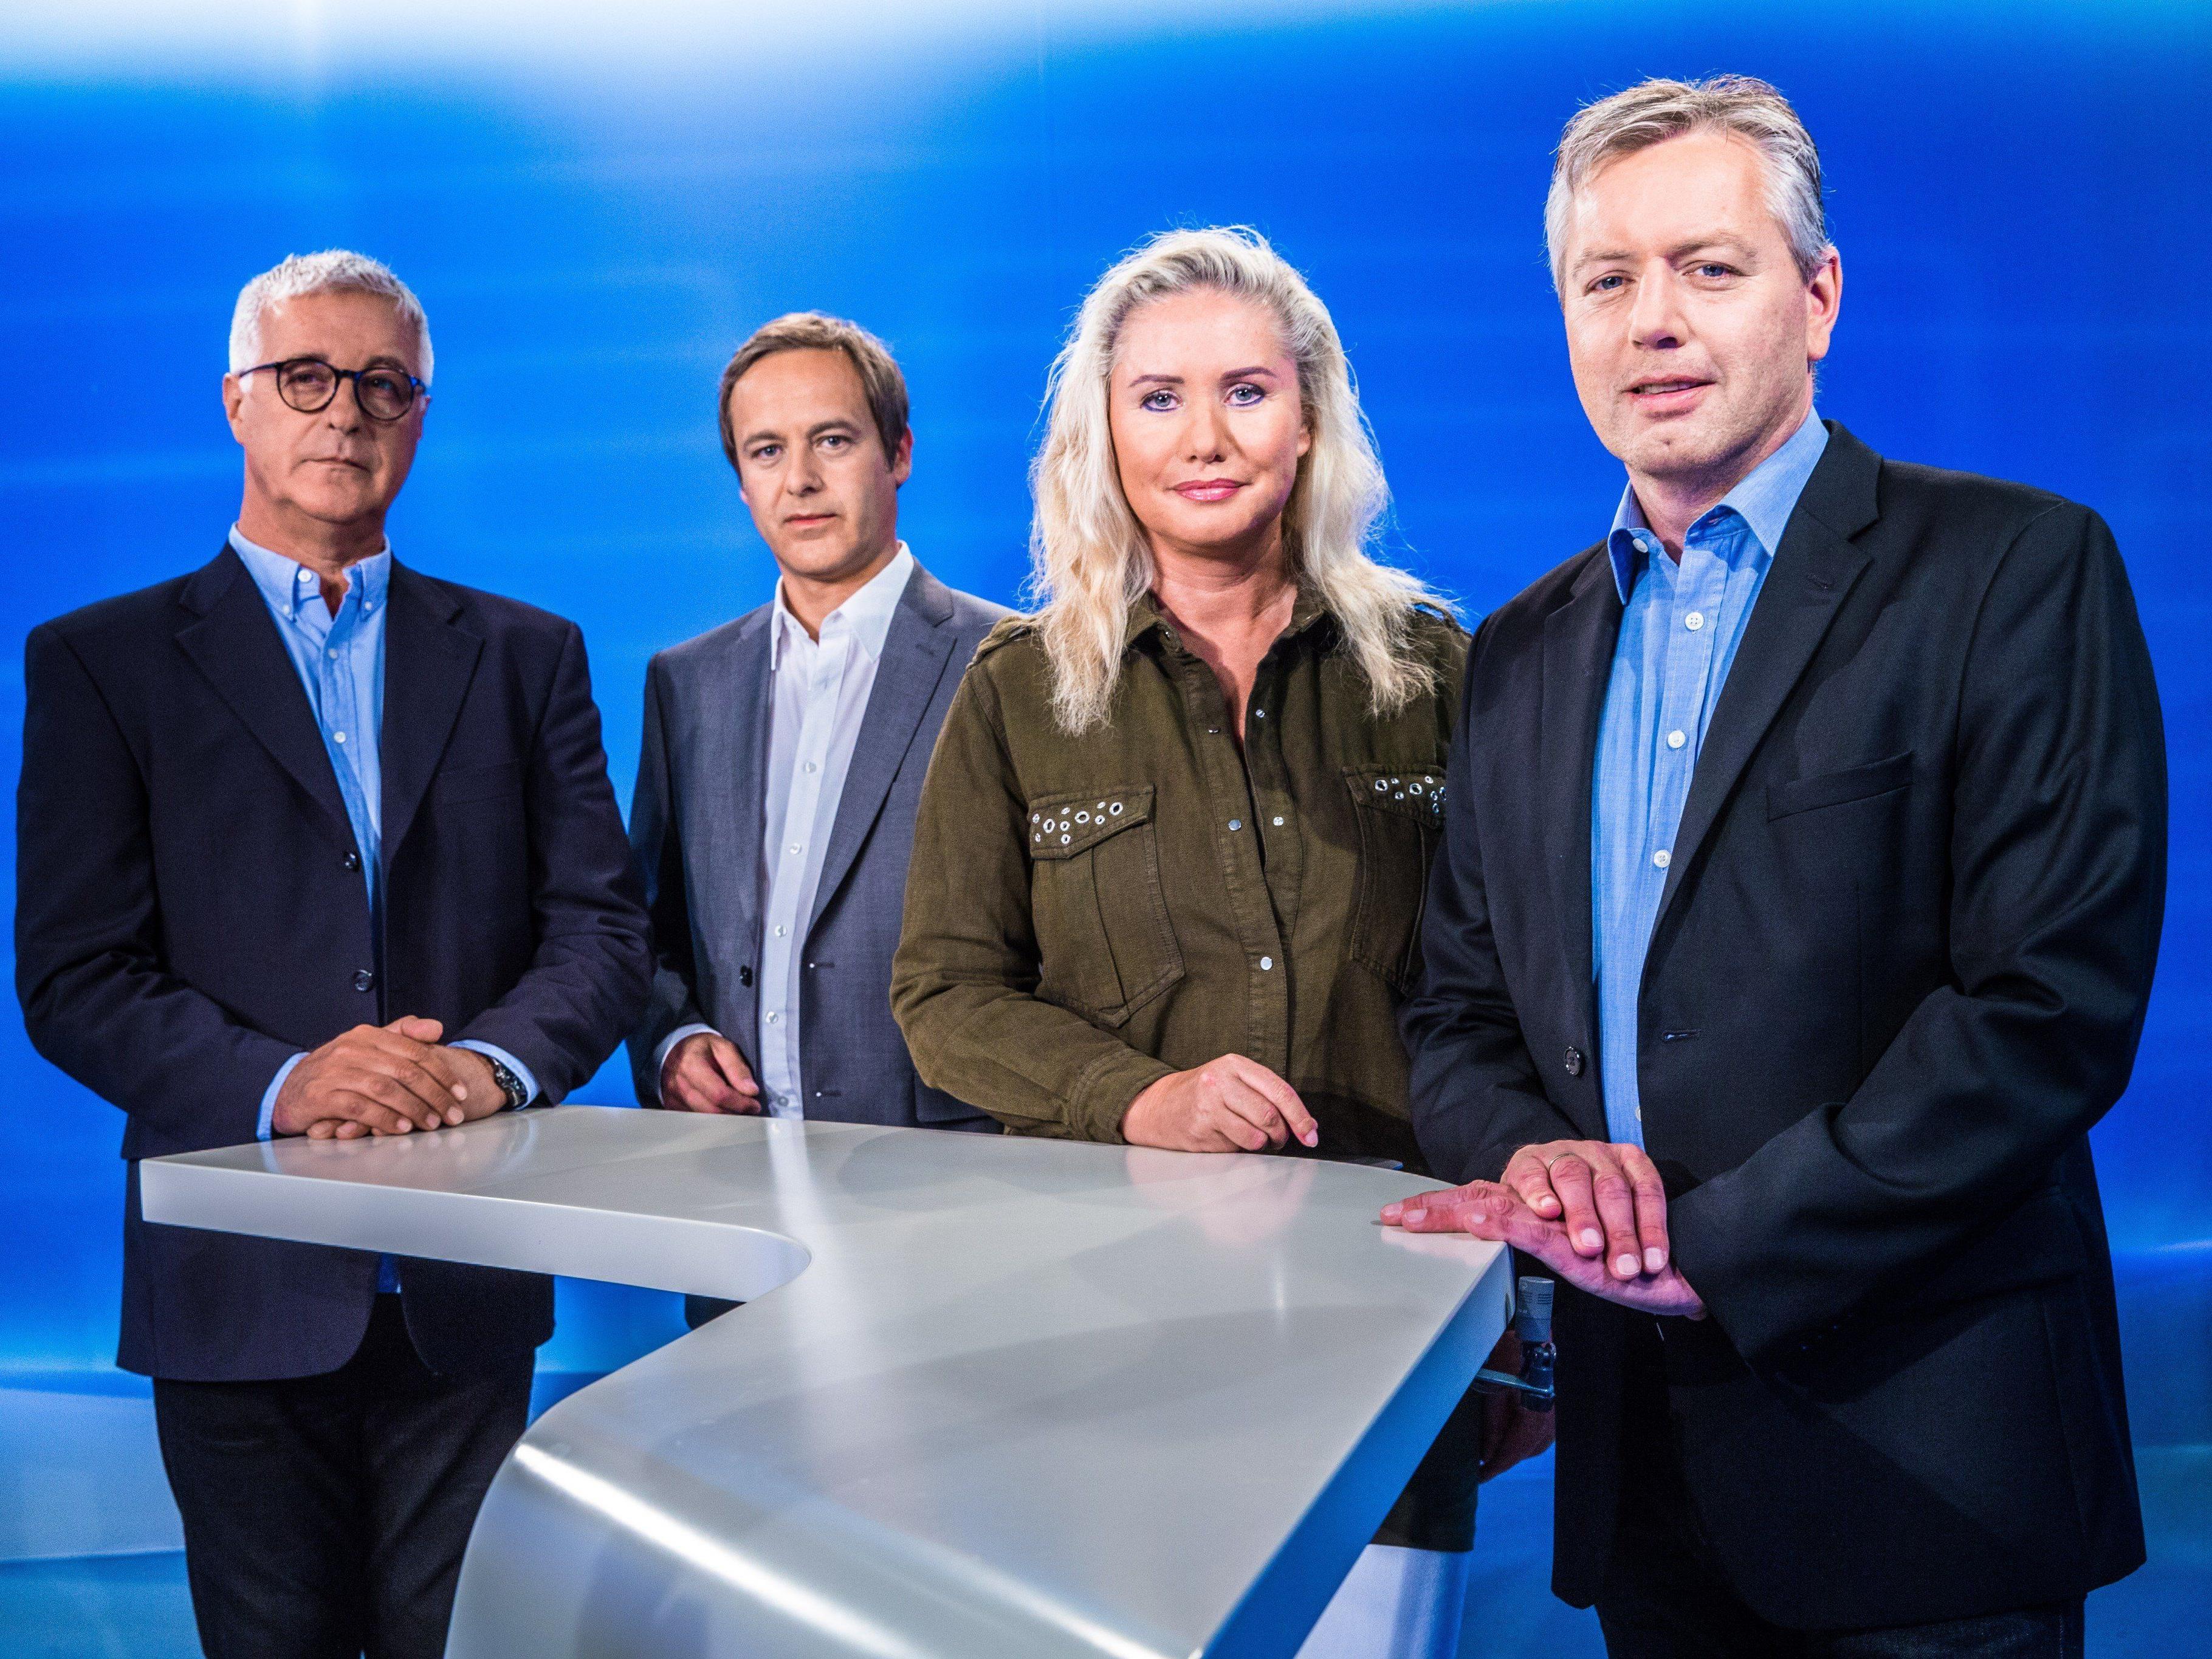 Tony Walser, Daniel Rein, Verena Daum-Kuzmanovic und Gerd Endrich moderieren die Diskussionen.